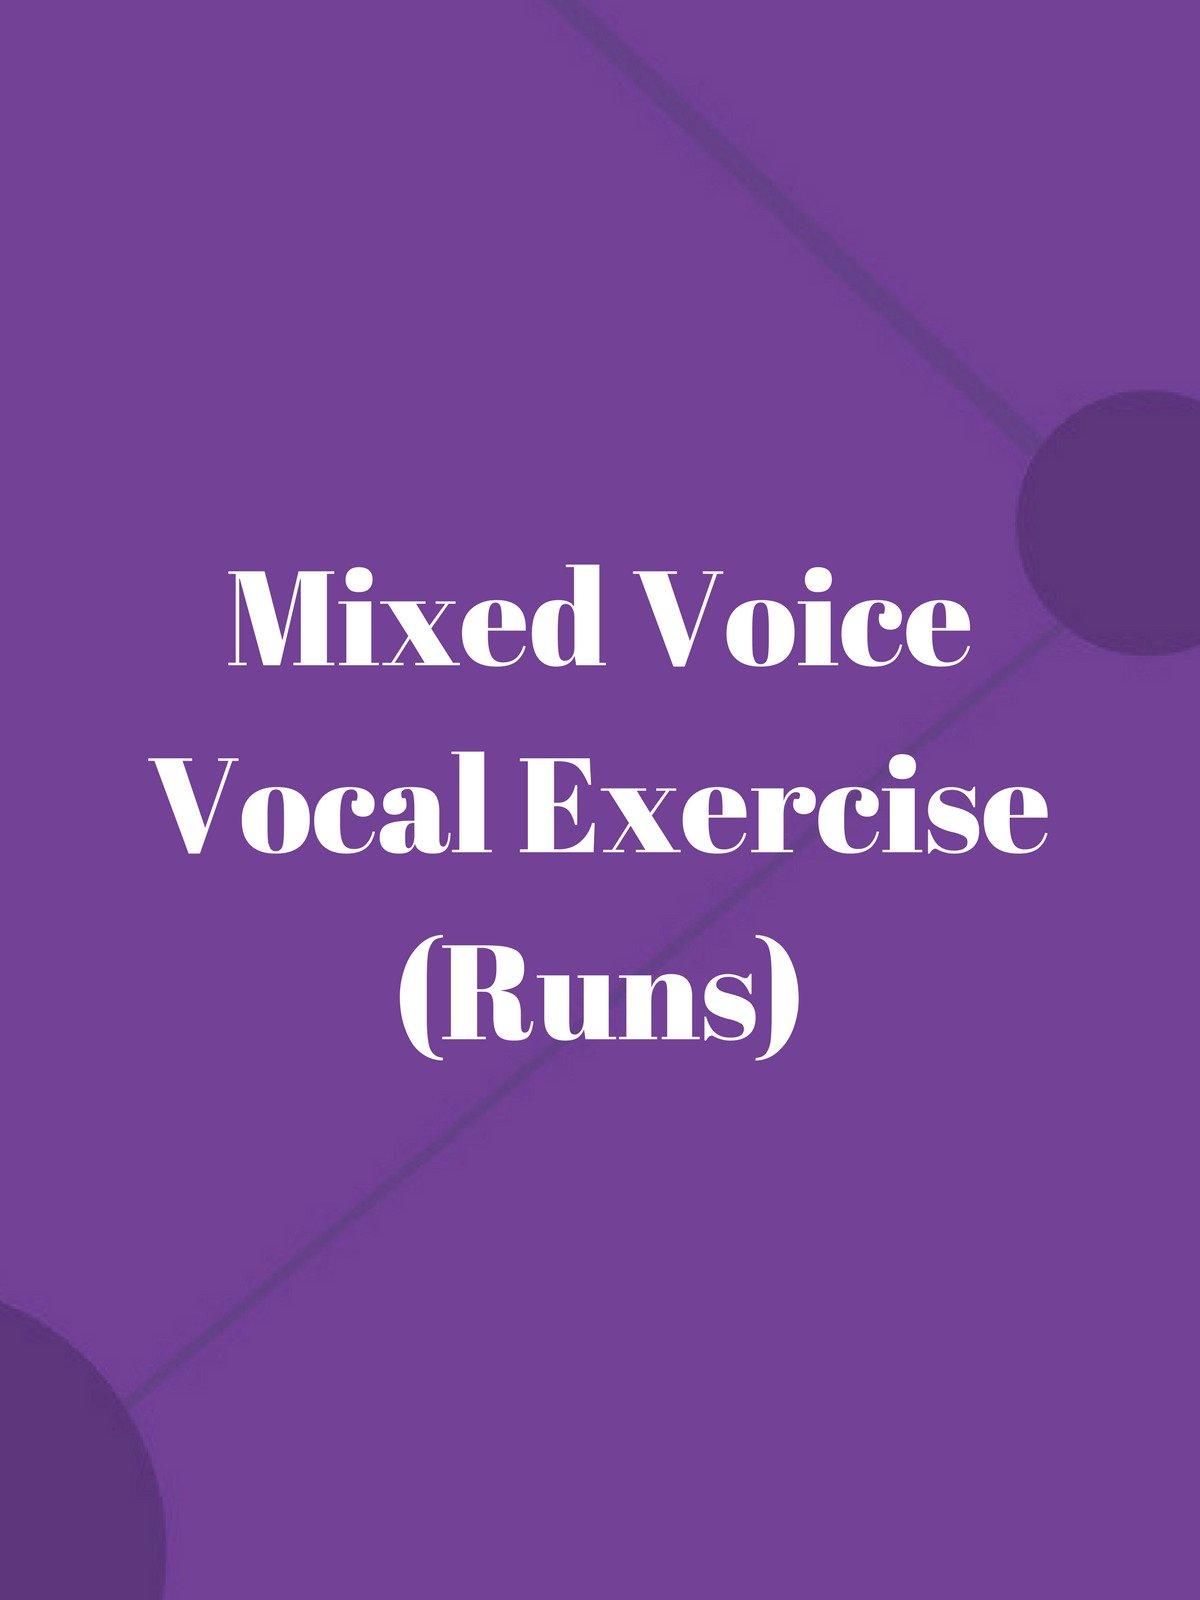 Mixed Voice Vocal Exercise (Runs)